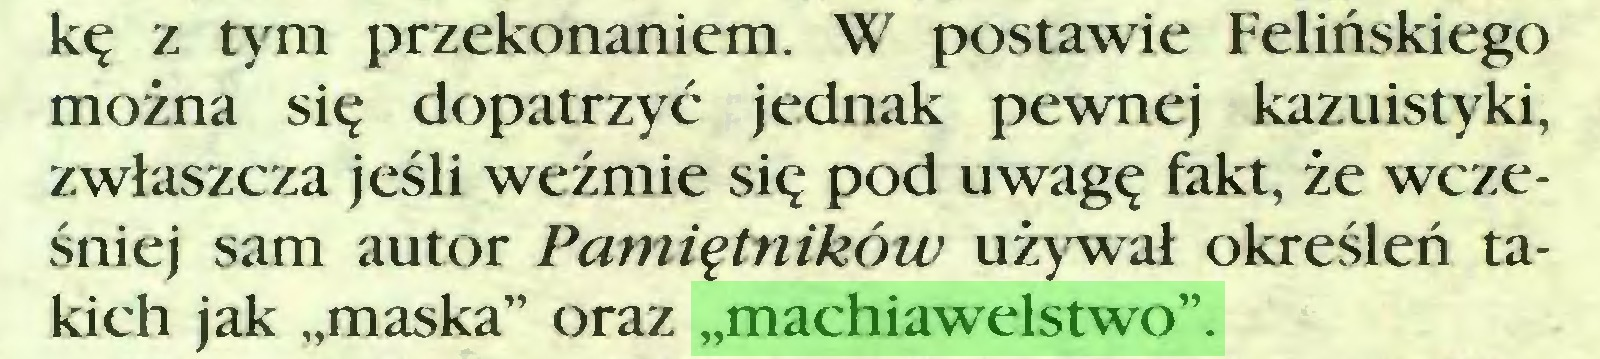 """(...) kę z tym przekonaniem. W postawie Felińskiego można się dopatrzyć jednak pewnej kazuistyki, zwłaszcza jeśli weźmie się pod uwagę fakt, że wcześniej sam autor Pamiętników używał określeń takich jak """"maska"""" oraz """"machiawelstwo""""..."""